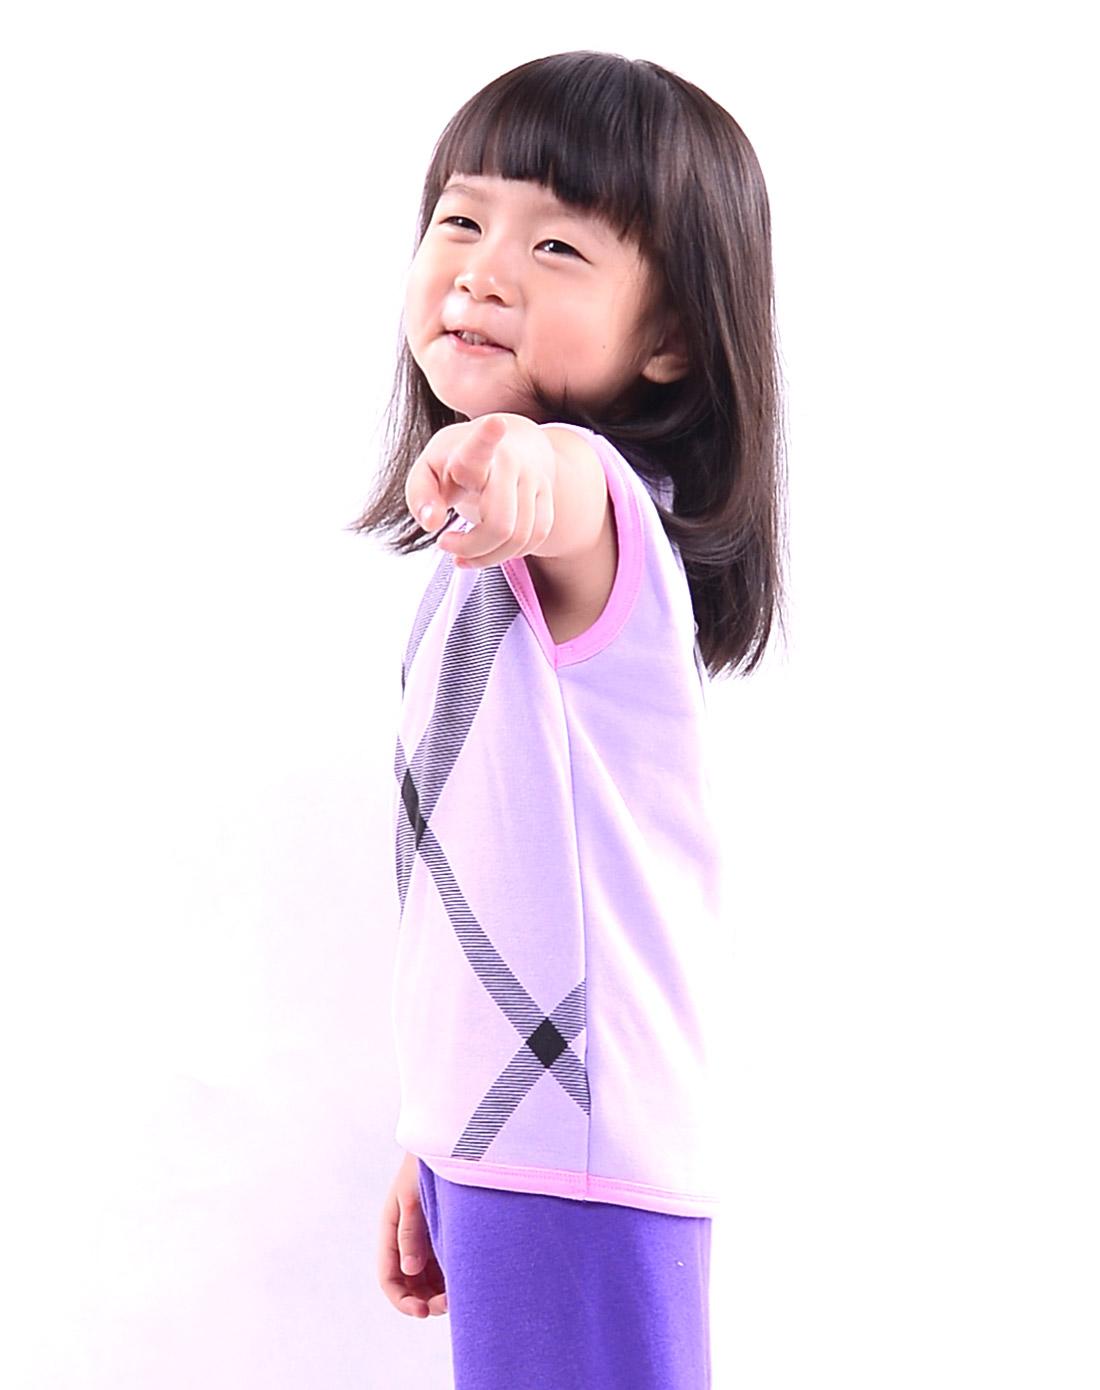 俞兆林男女保暖内衣女孩子紫色可爱印花加绒保暖背心